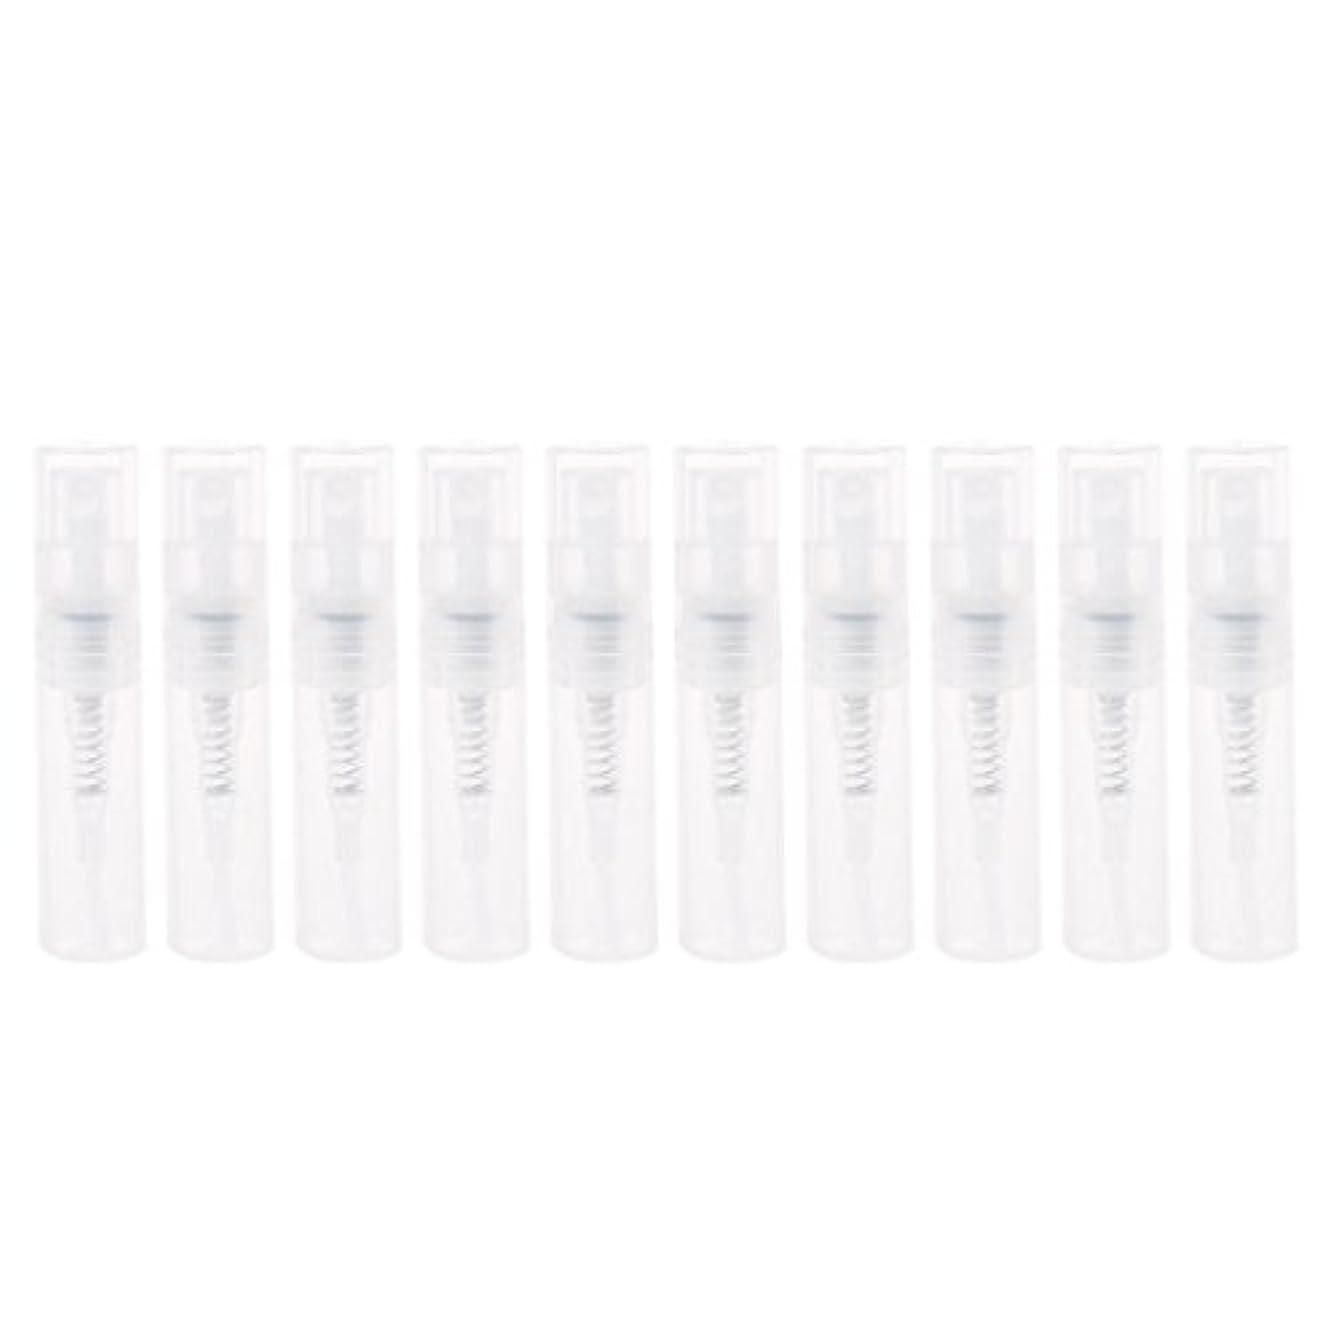 詐欺半島召集するDabixx 2ml小さいプラスチック香水スプレーの空のびんの化粧品の容器のスプレーボトル